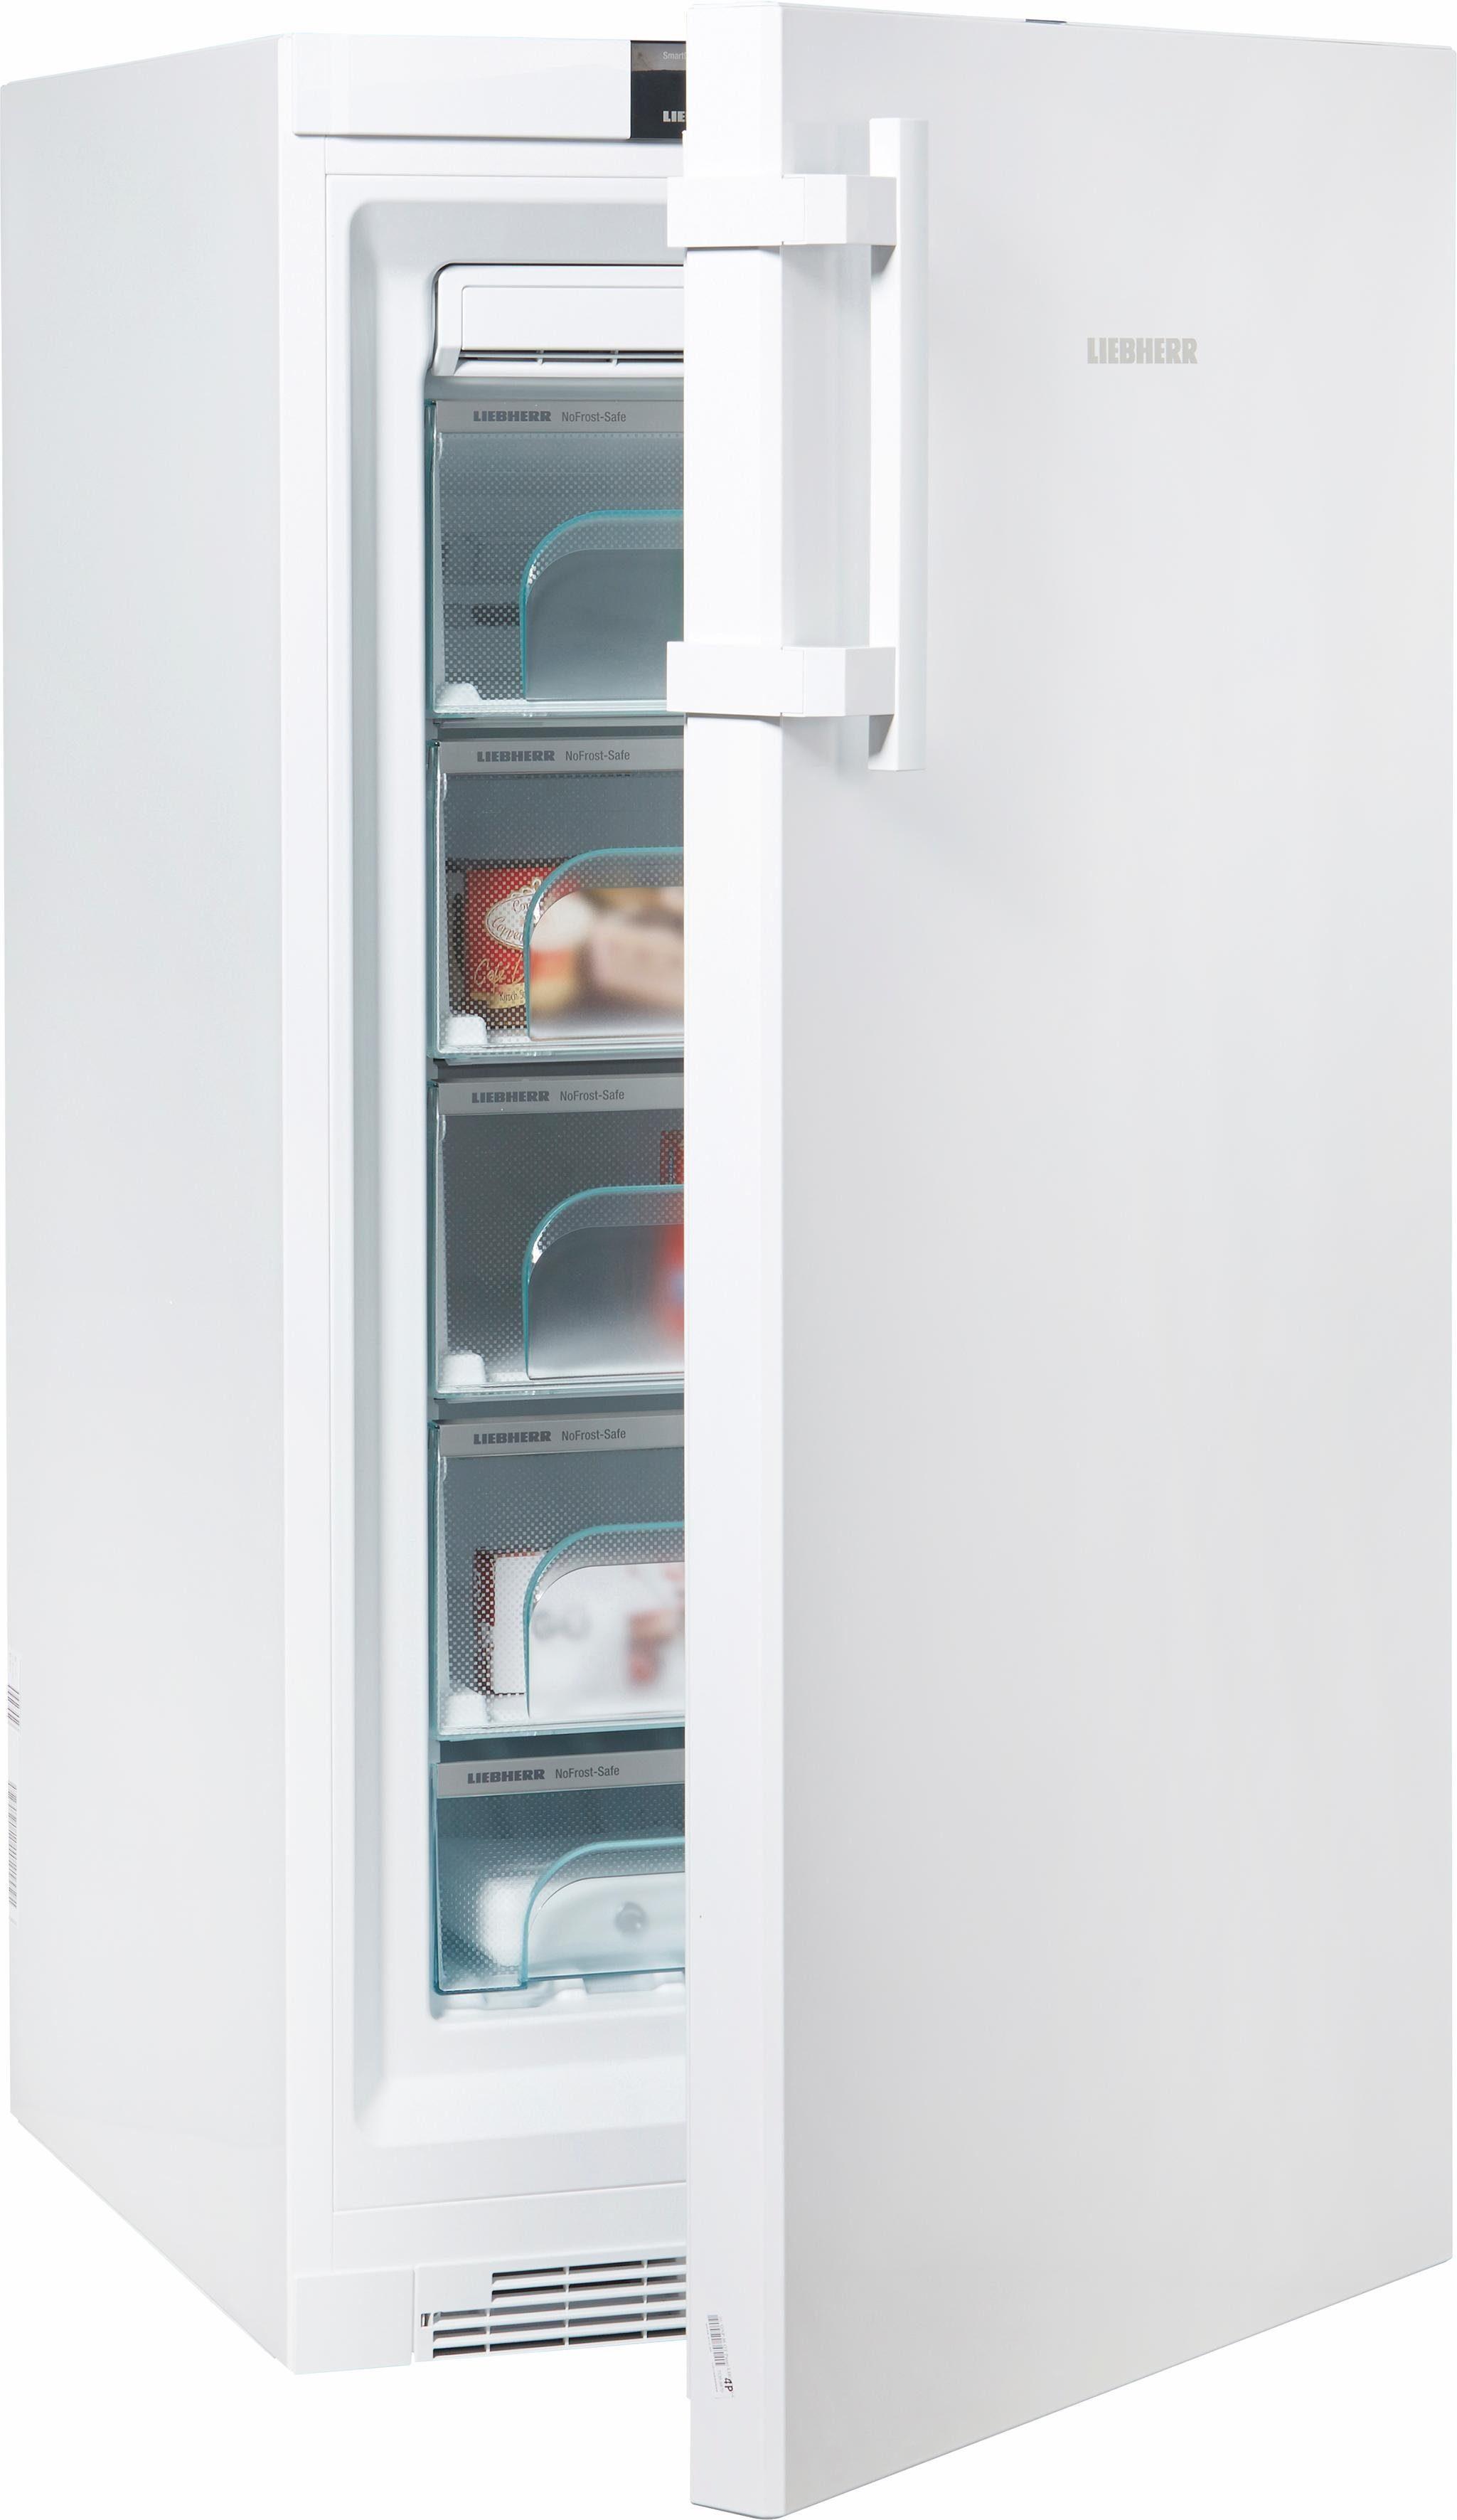 Liebherr Gefrierschrank GNP 3855 Premium NoFrost, 135 cm hoch, 70 cm breit